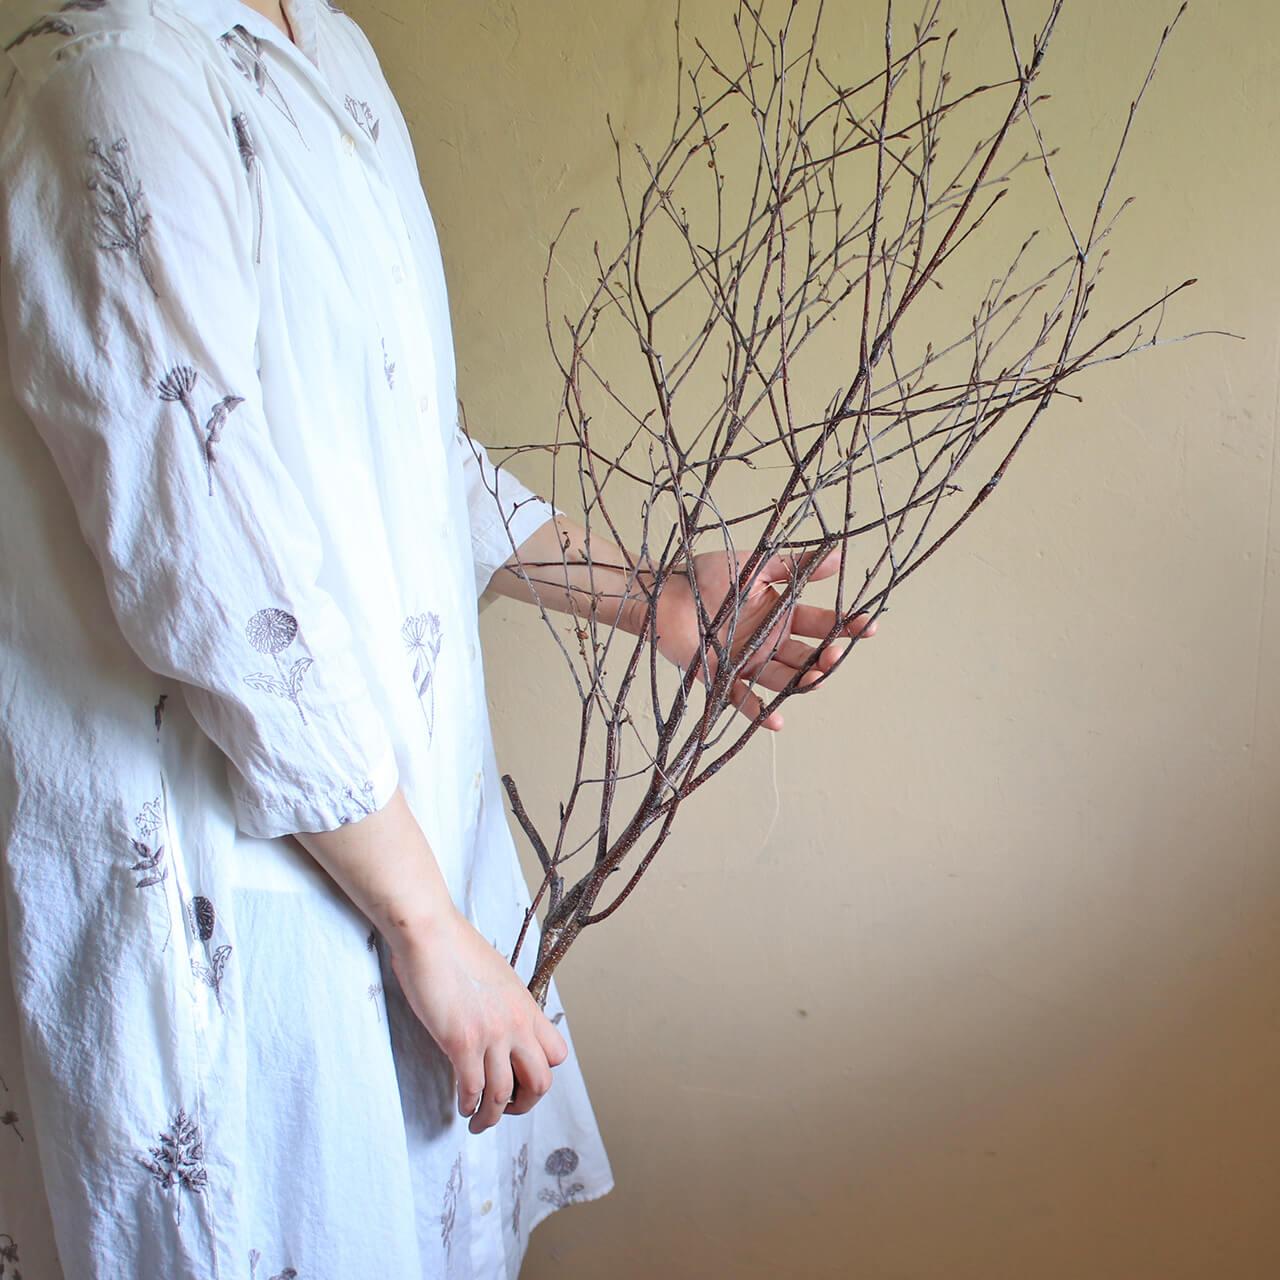 シラカバの枝